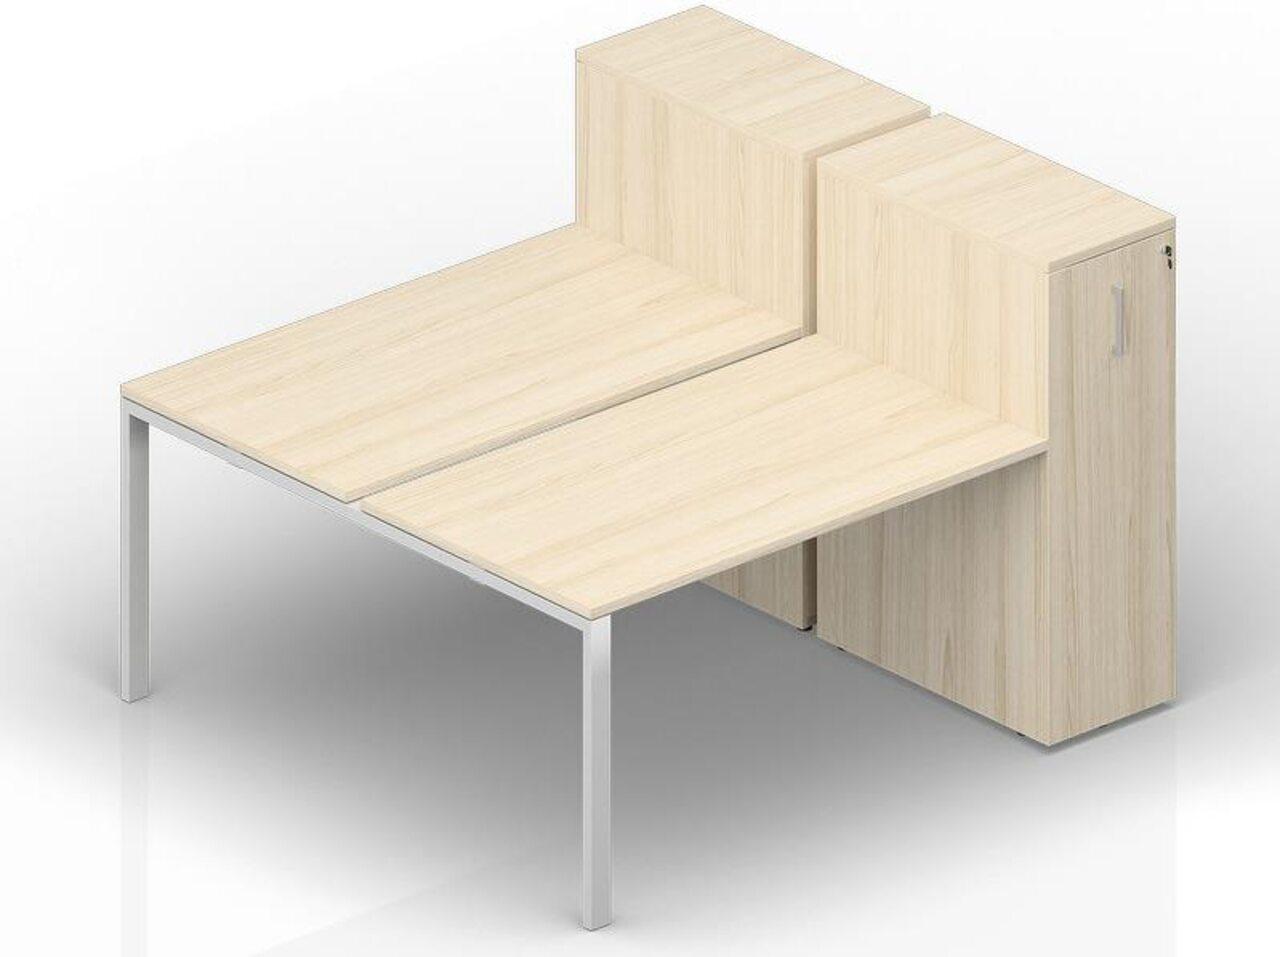 Составной стол на 2 рабочих места с приставными шкафами Tower - фото 1